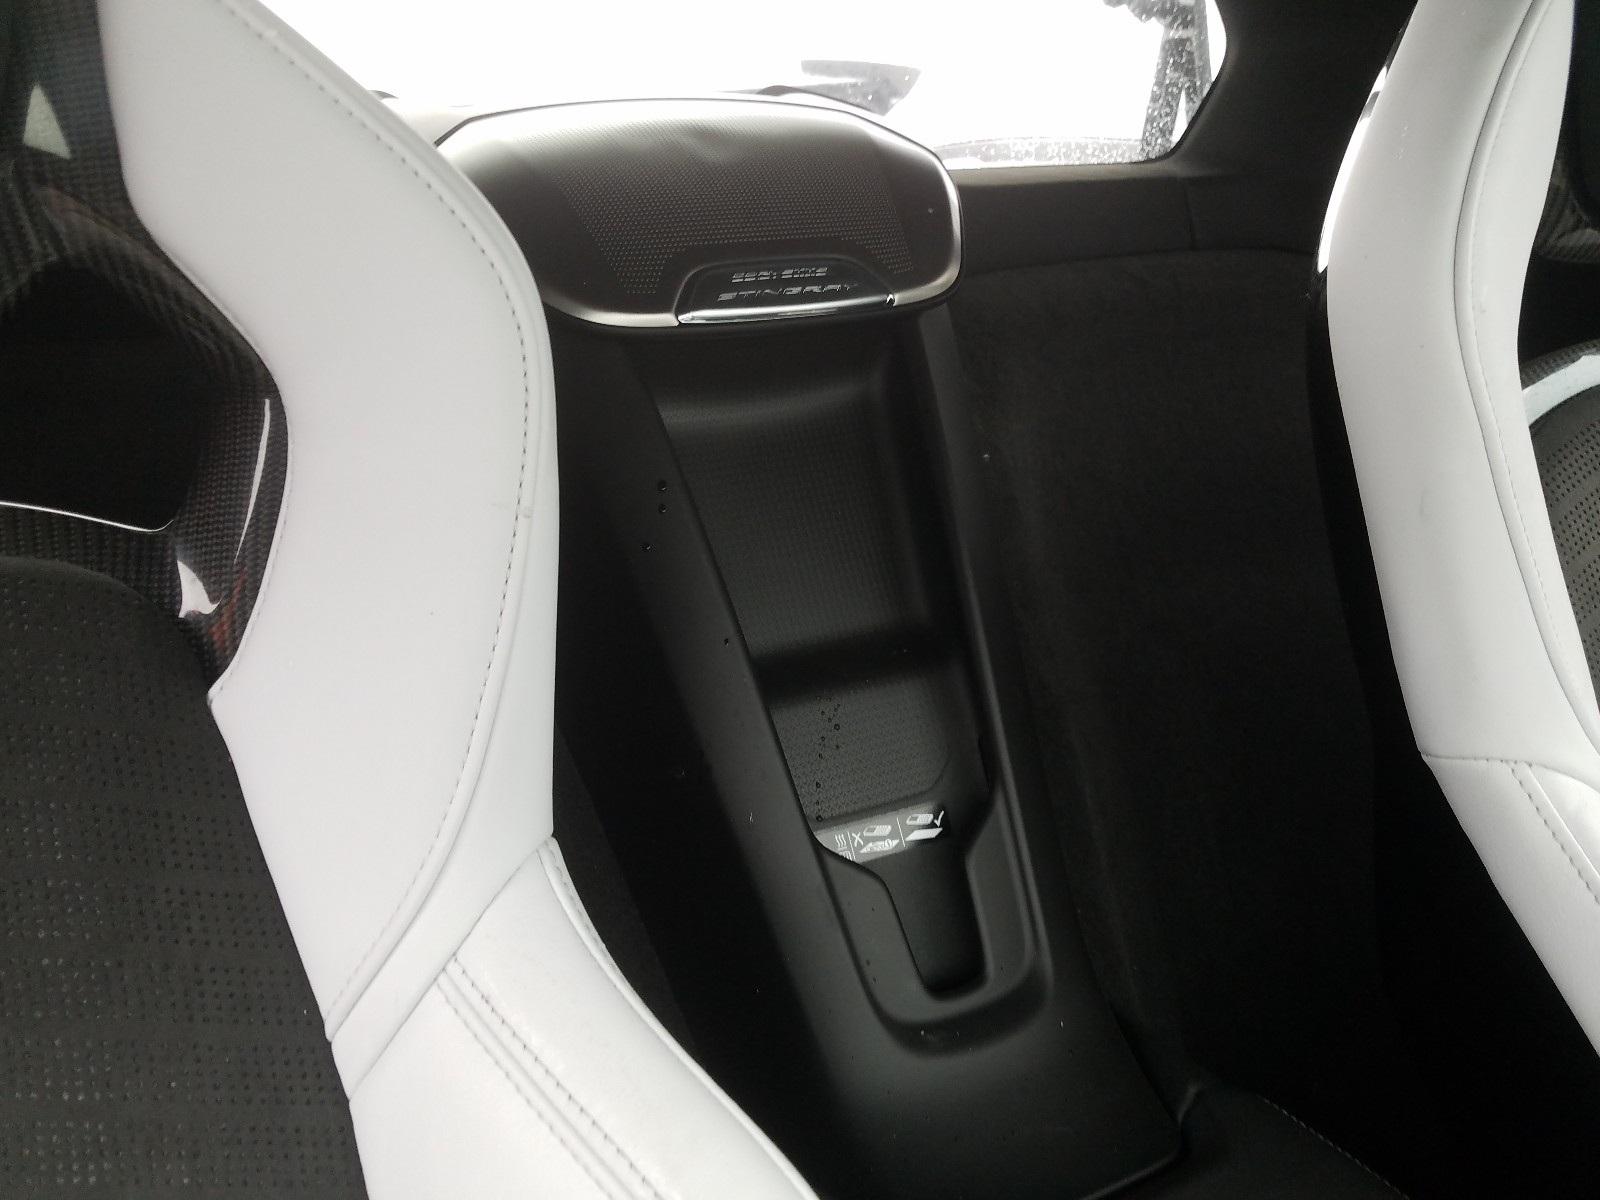 Kì lạ chiếc Corvette rách bươm sau tai nạn được rao bán đắt hơn xe mới - 7